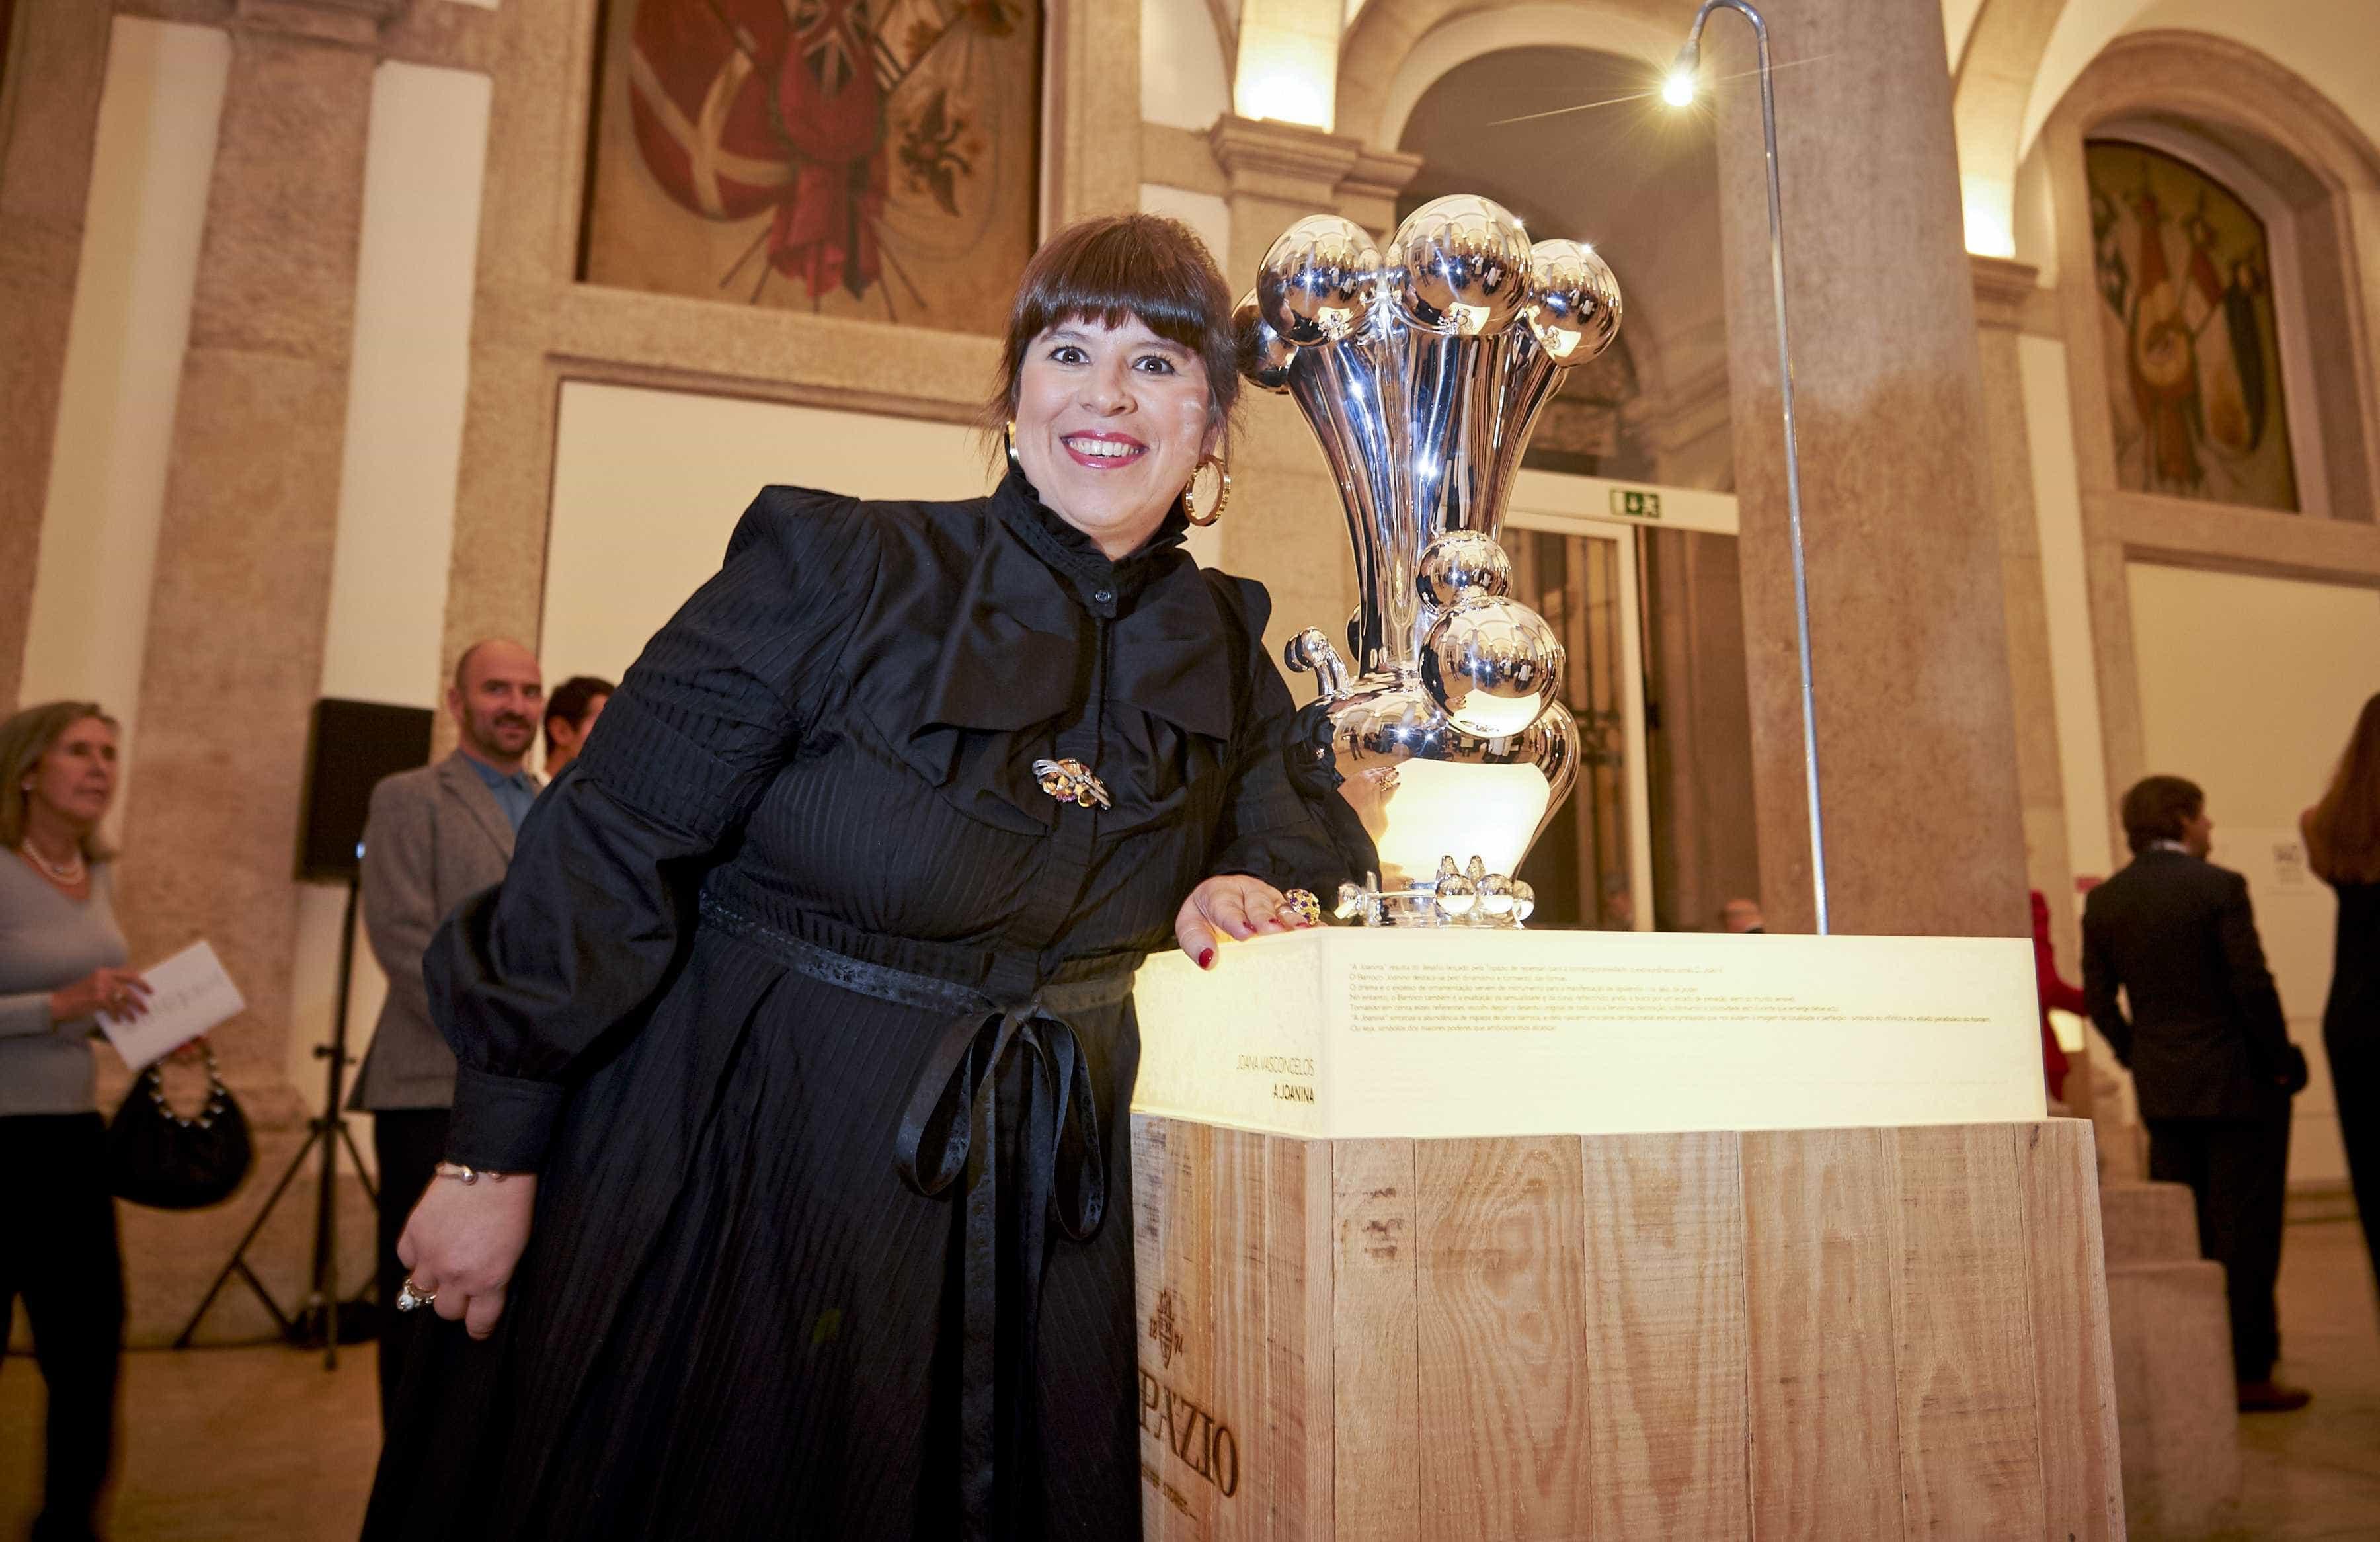 Exposição de Joana Vasconcelos em Bilbau foi a 13.ª mais vista em 2018